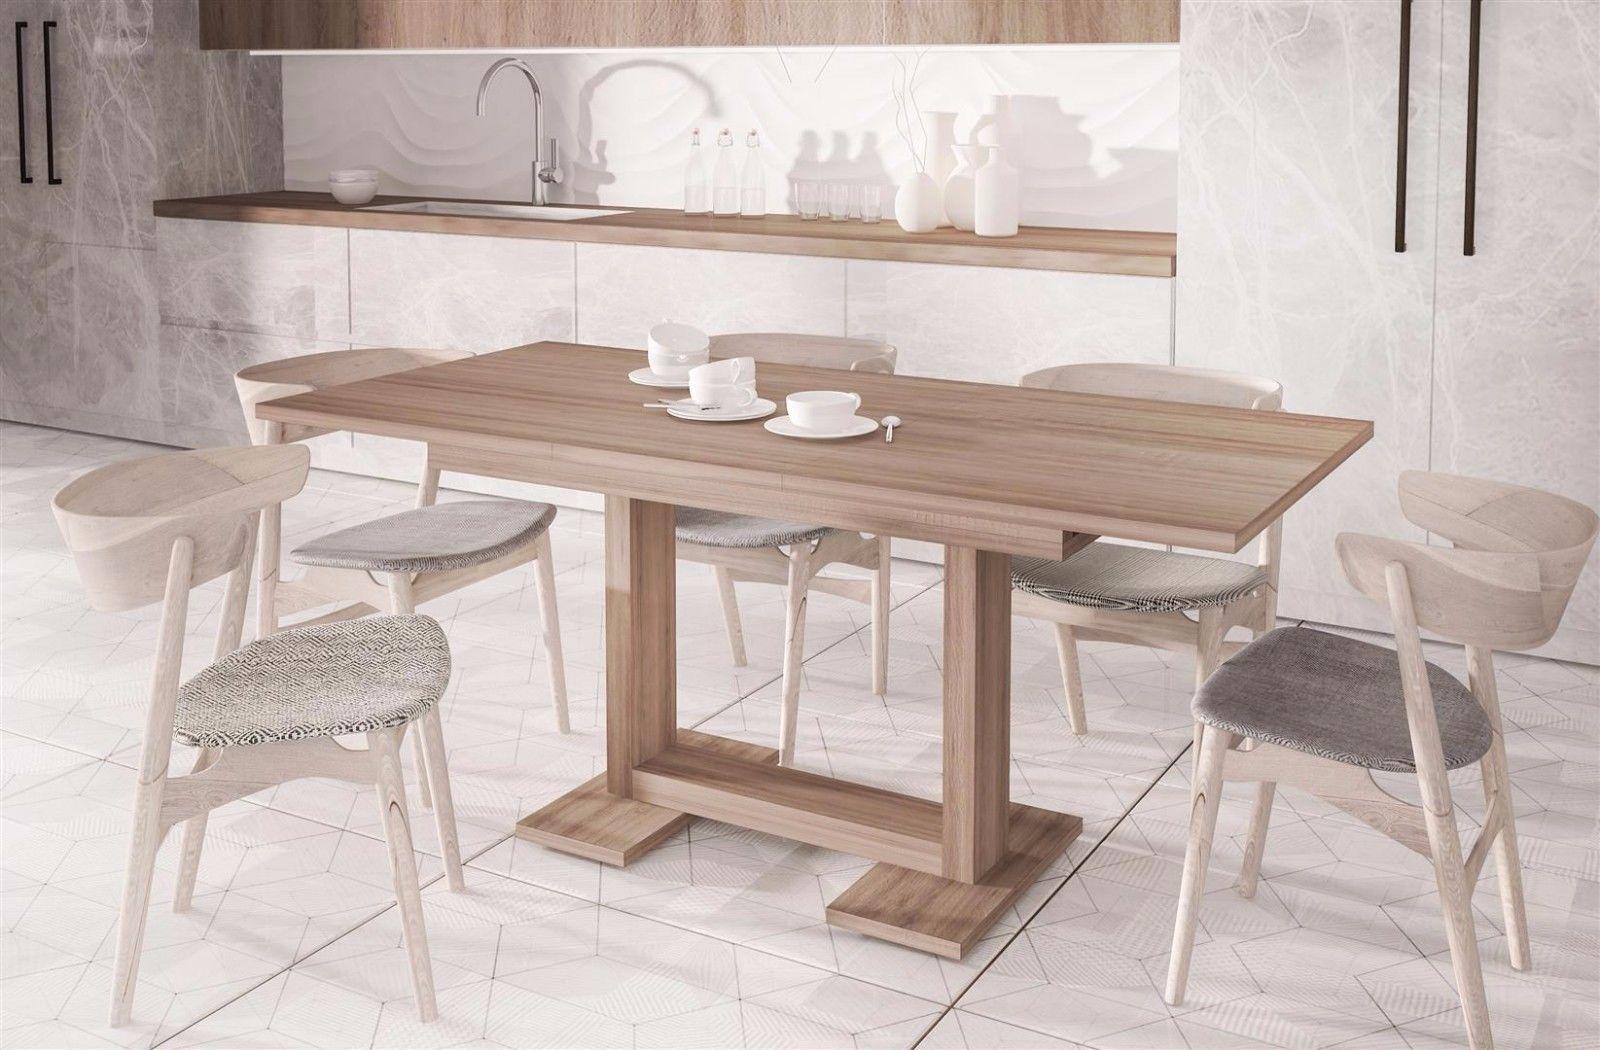 Küche Mit Esstisch Modern | Moderne Esszimmer Ideen Von Exklusiven ...